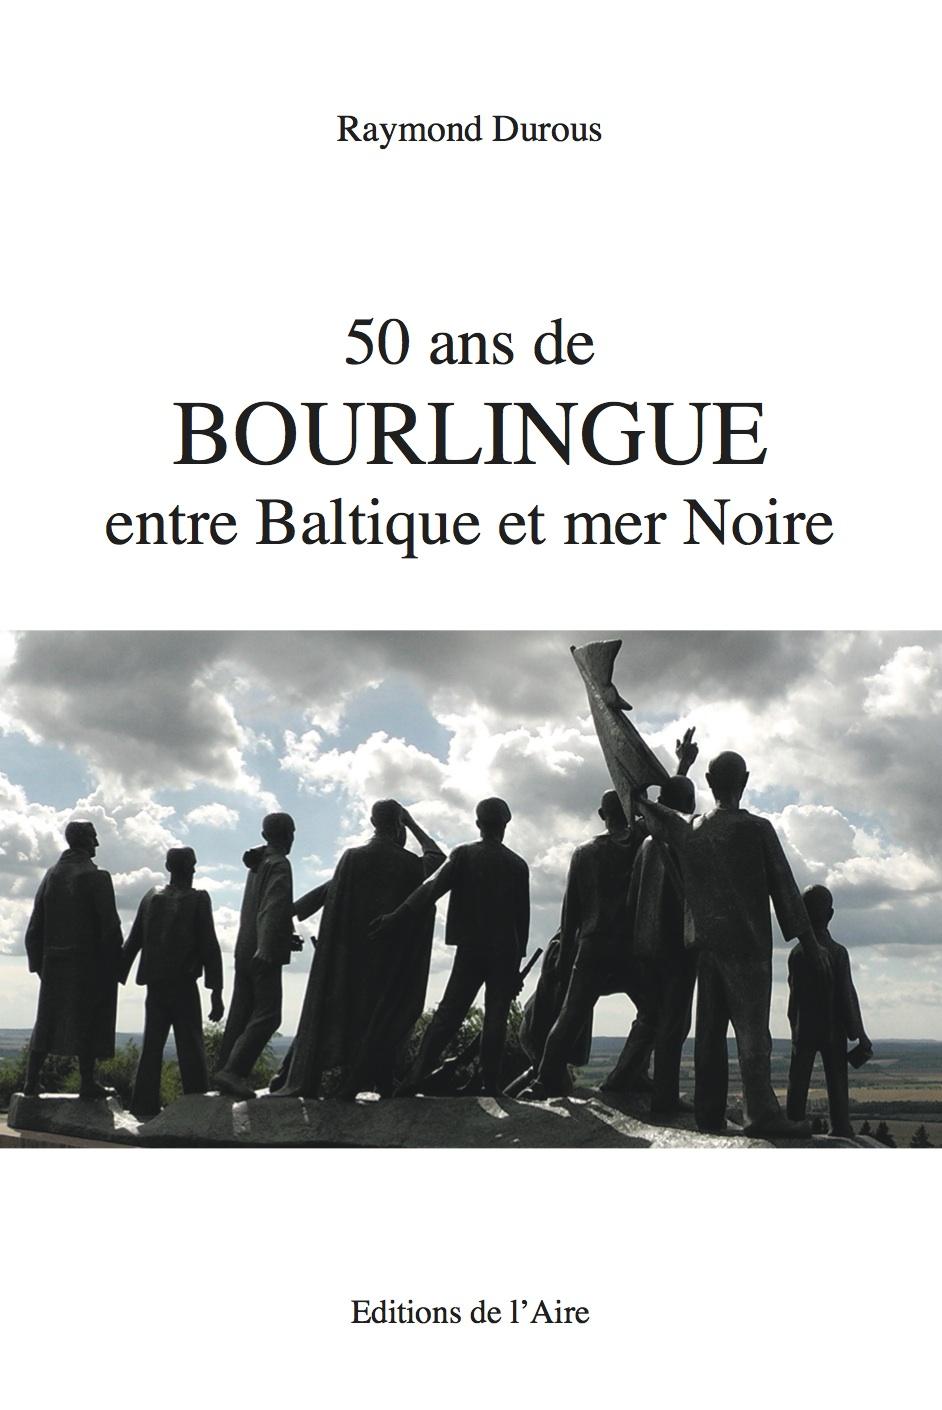 50 ans de Bourlingue entre Baltique et Mer noire, Durous, Raymond